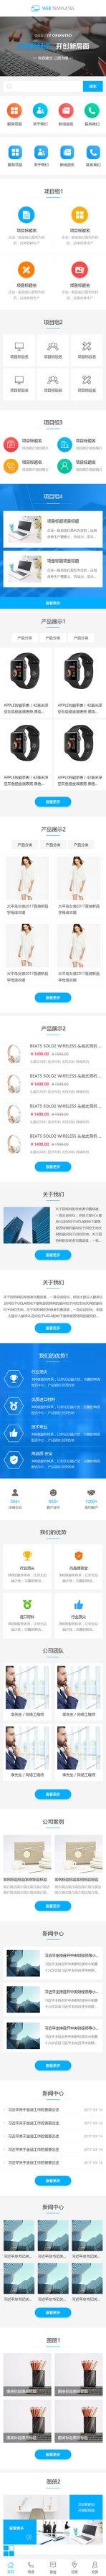 大气蓝色通用狗万官网网页_狗万禁止投注_狗万:平台制作模板手机图片